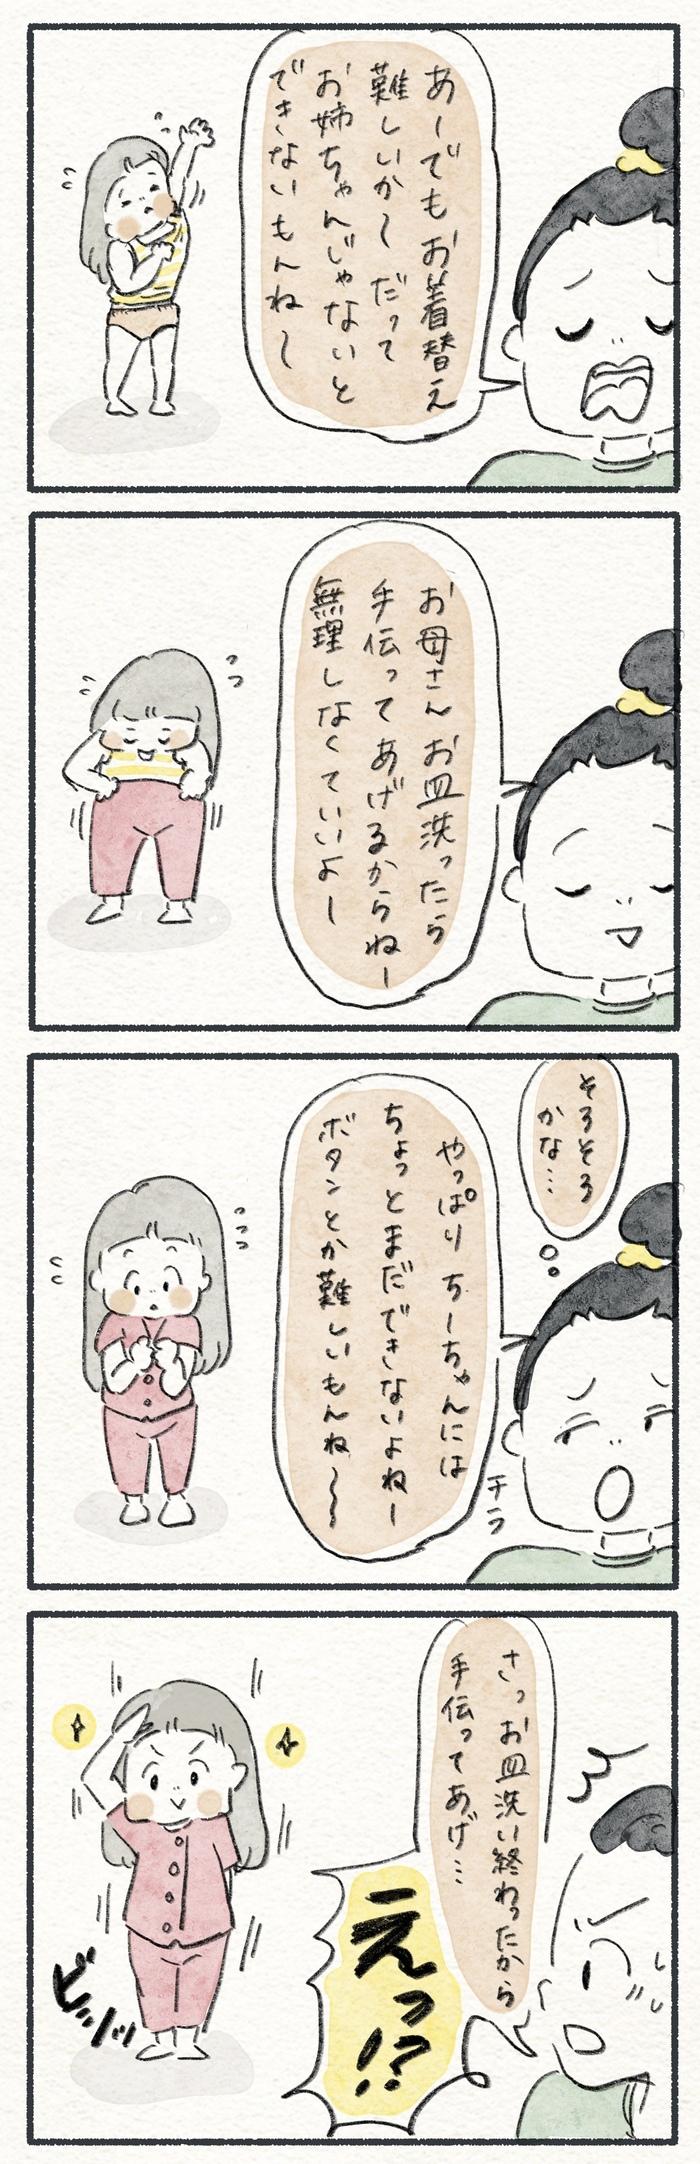 超あまのじゃく!3歳の娘の原動力は『できないんじゃない?』の言葉。の画像2